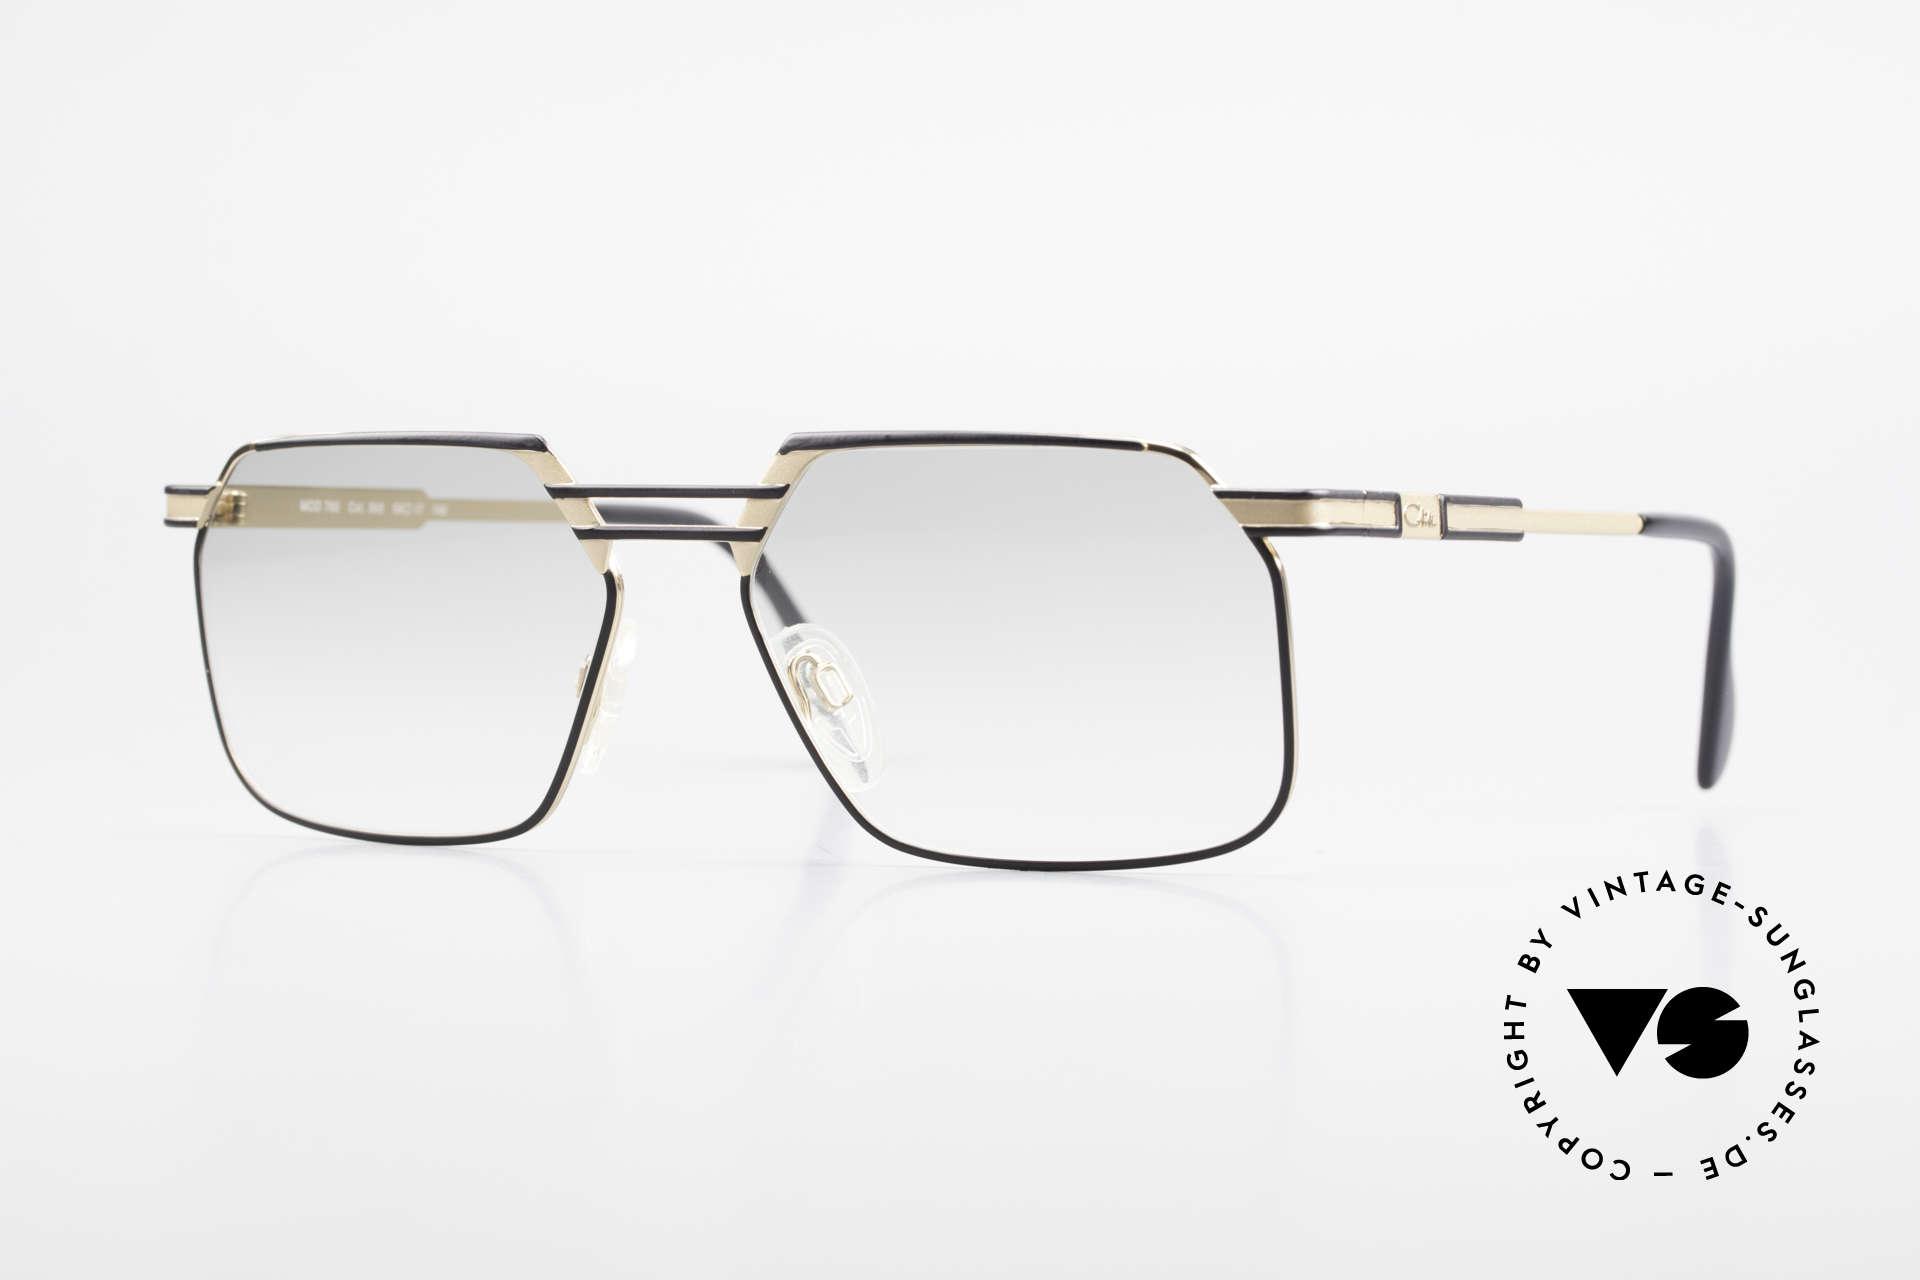 Cazal 760 Striking Vintage Men's Frame, expressive Cazal glasses for men from 1993/94, Made for Men